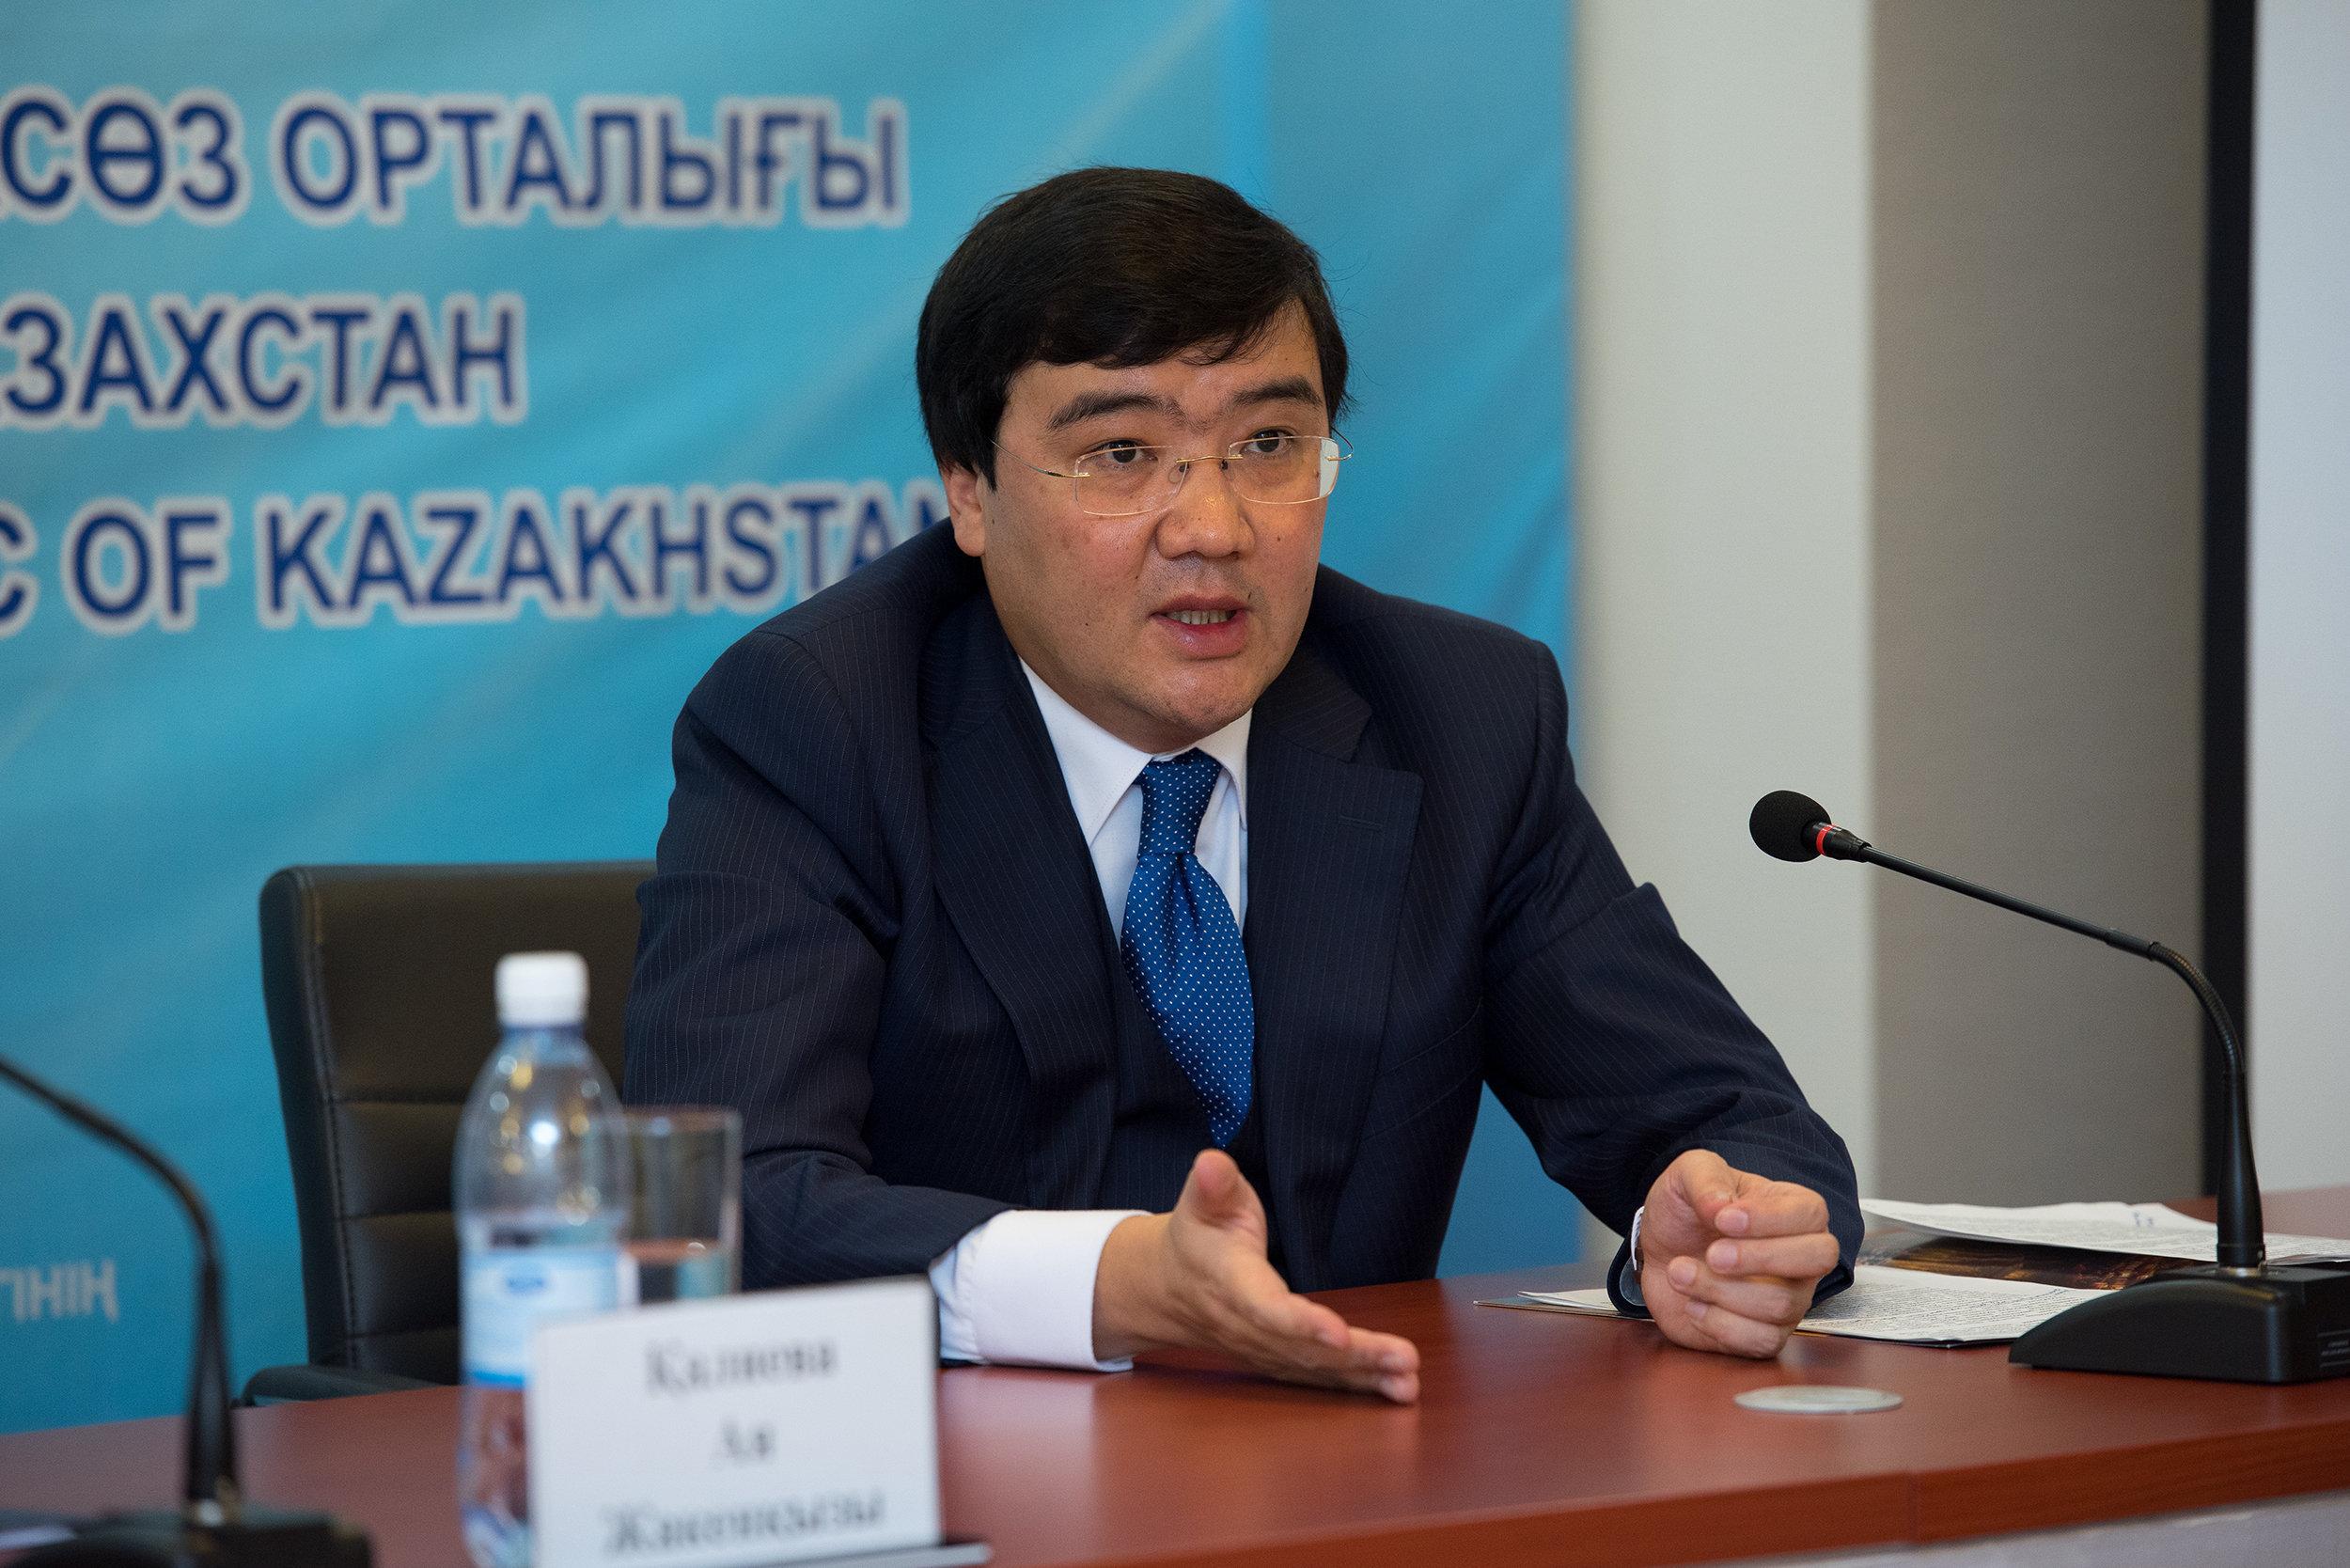 Директор Государственного театра оперы и балета Астана Опера Галым Ахмедьяров